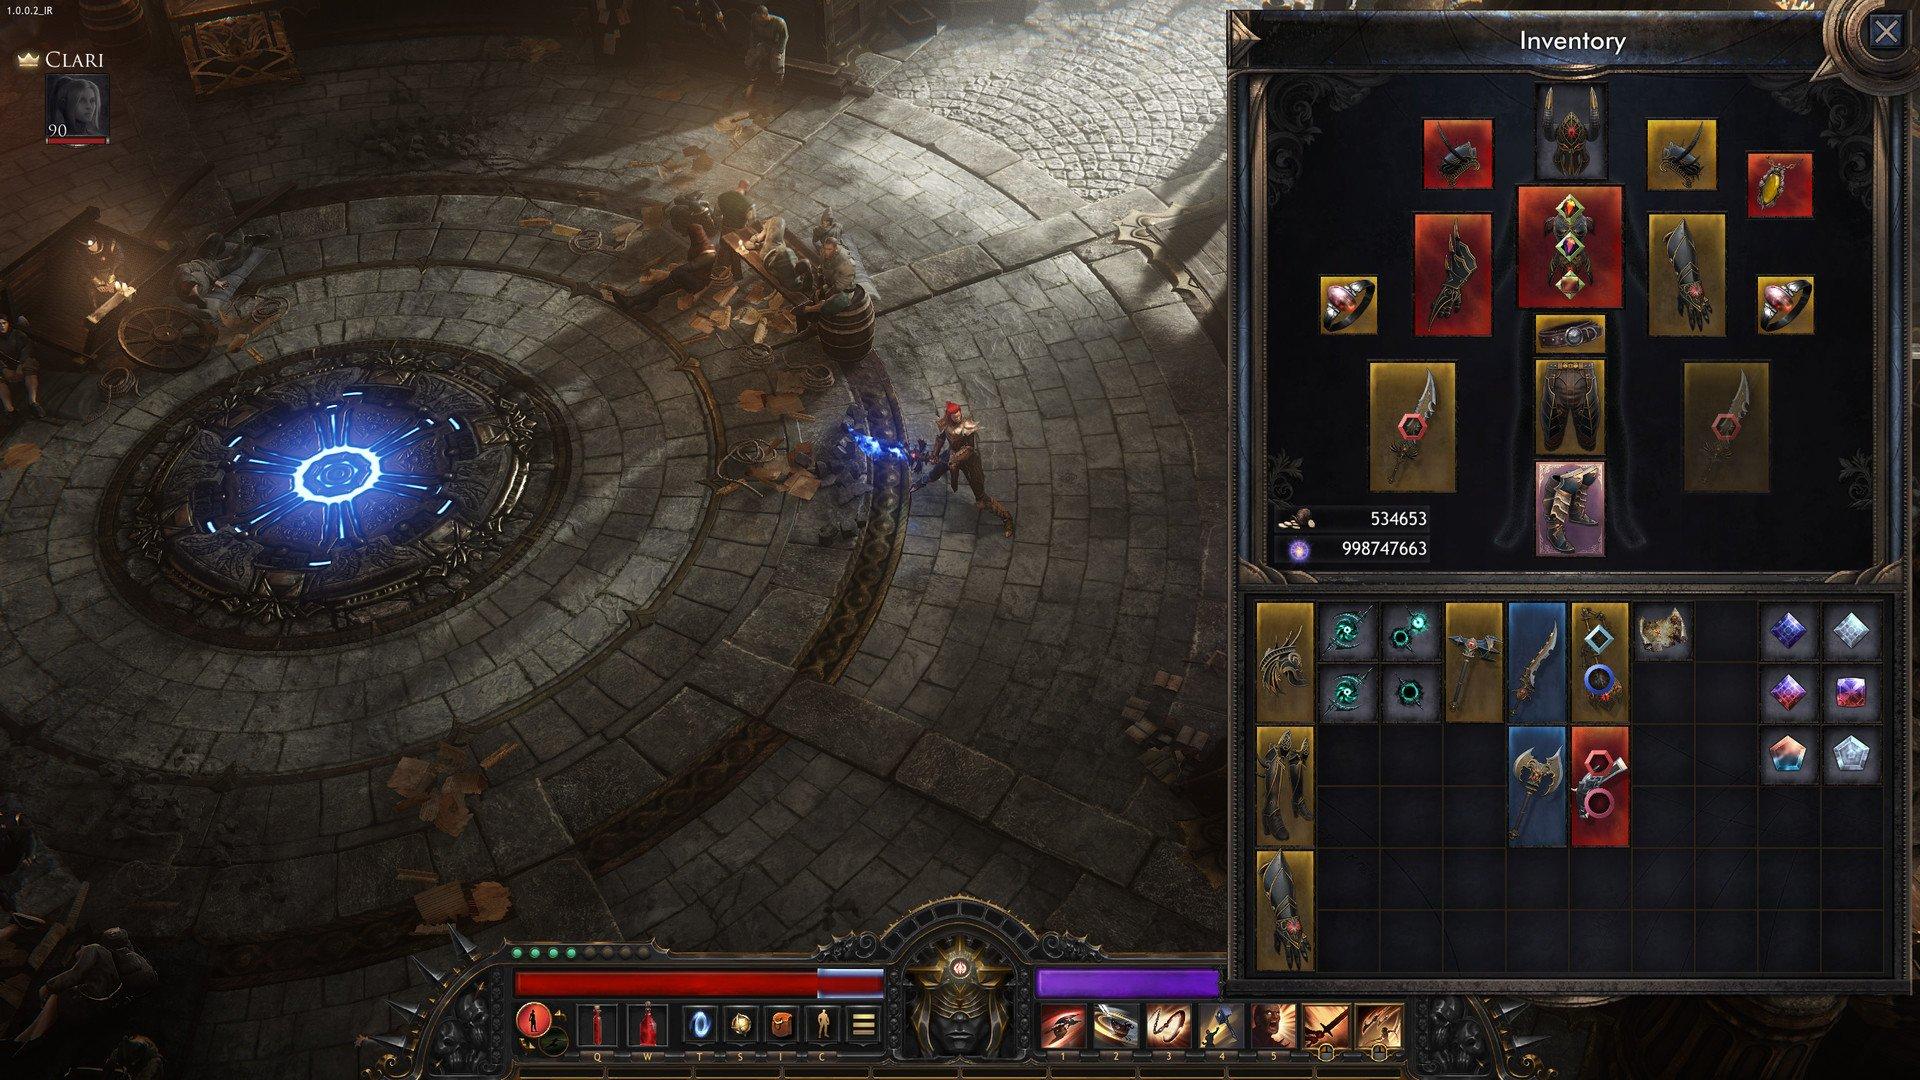 Скриншот к игре Wolcen: Lords of Mayhem [v 1.0.14.0 ] (2020) скачать торрент RePack